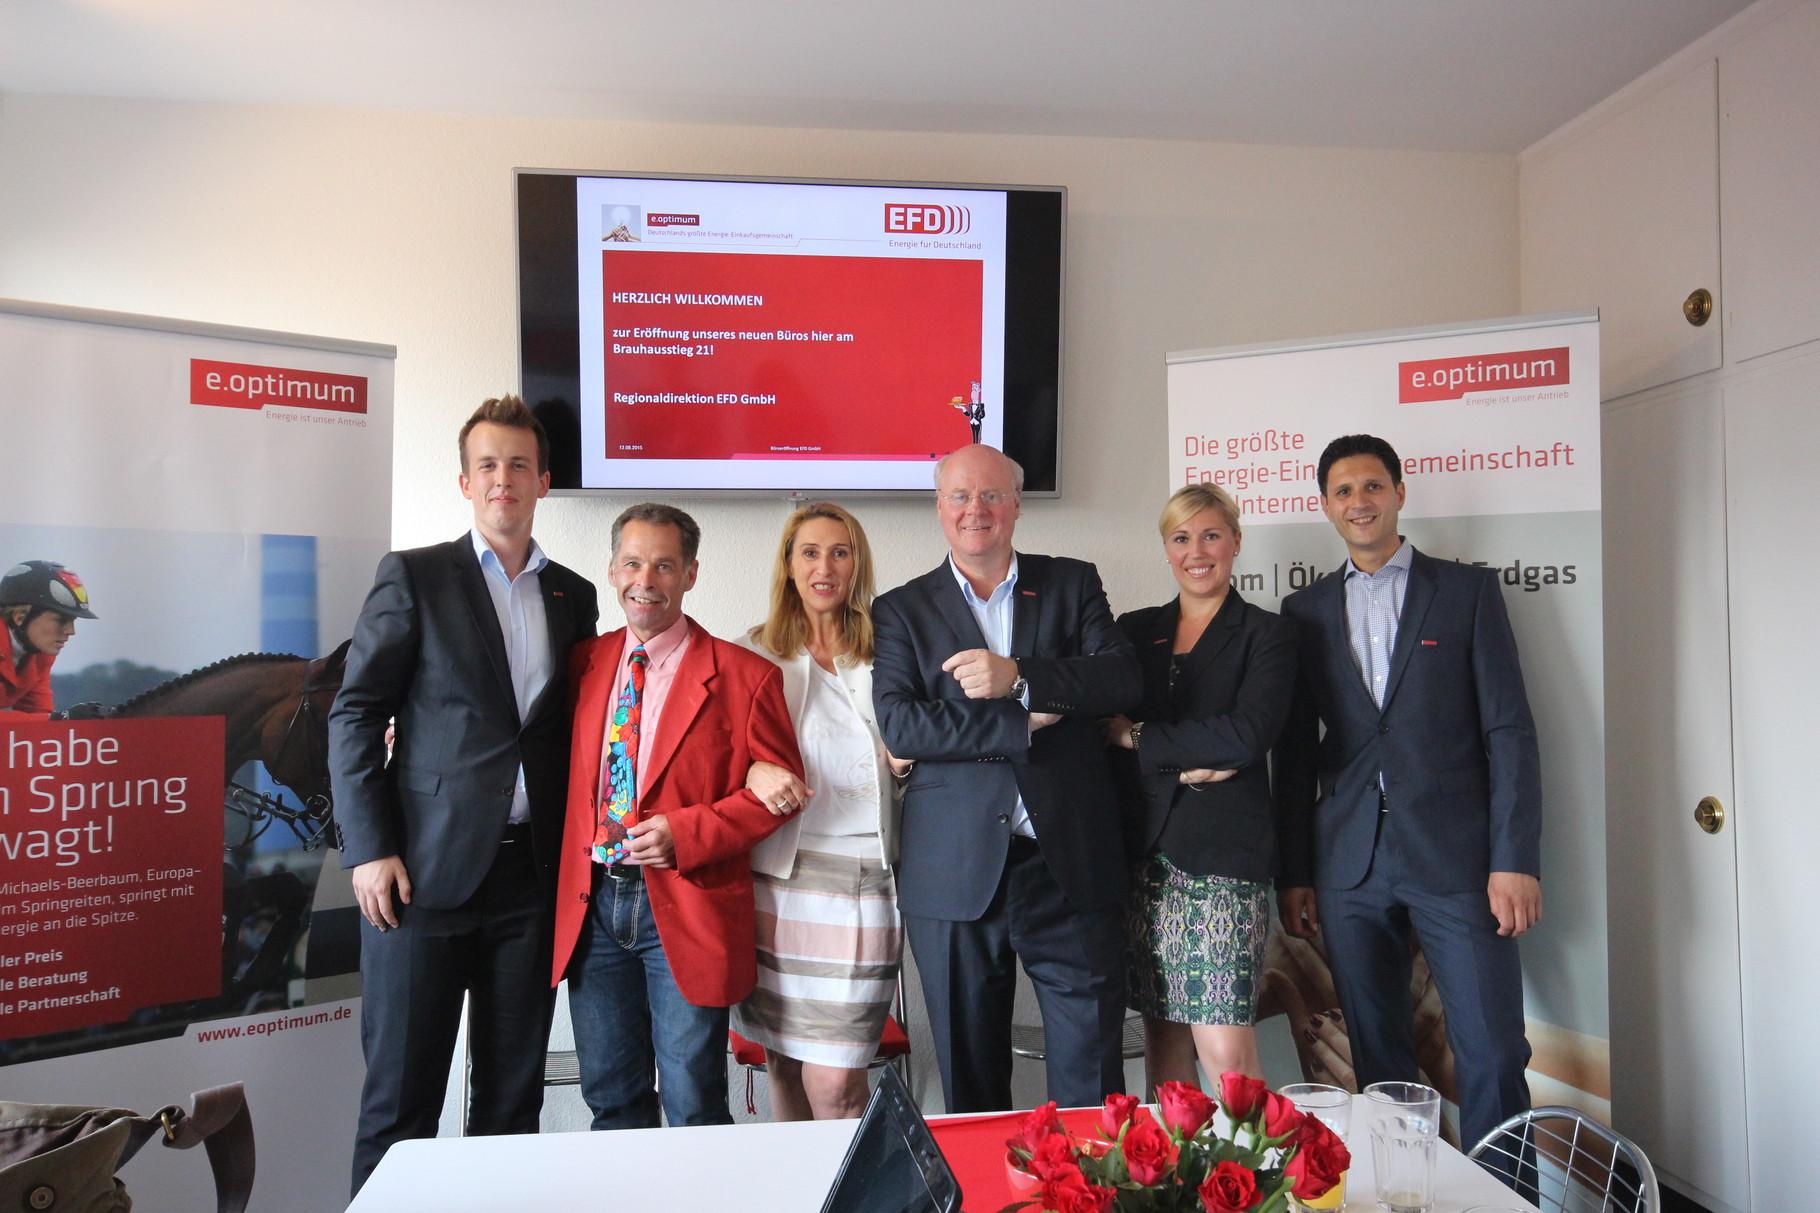 Das Team im Brauhausstieg Herr Fiehn, Herr Kuschmierz, Frau Zube, Herr Engling, Frau Lorey und Herr Temel